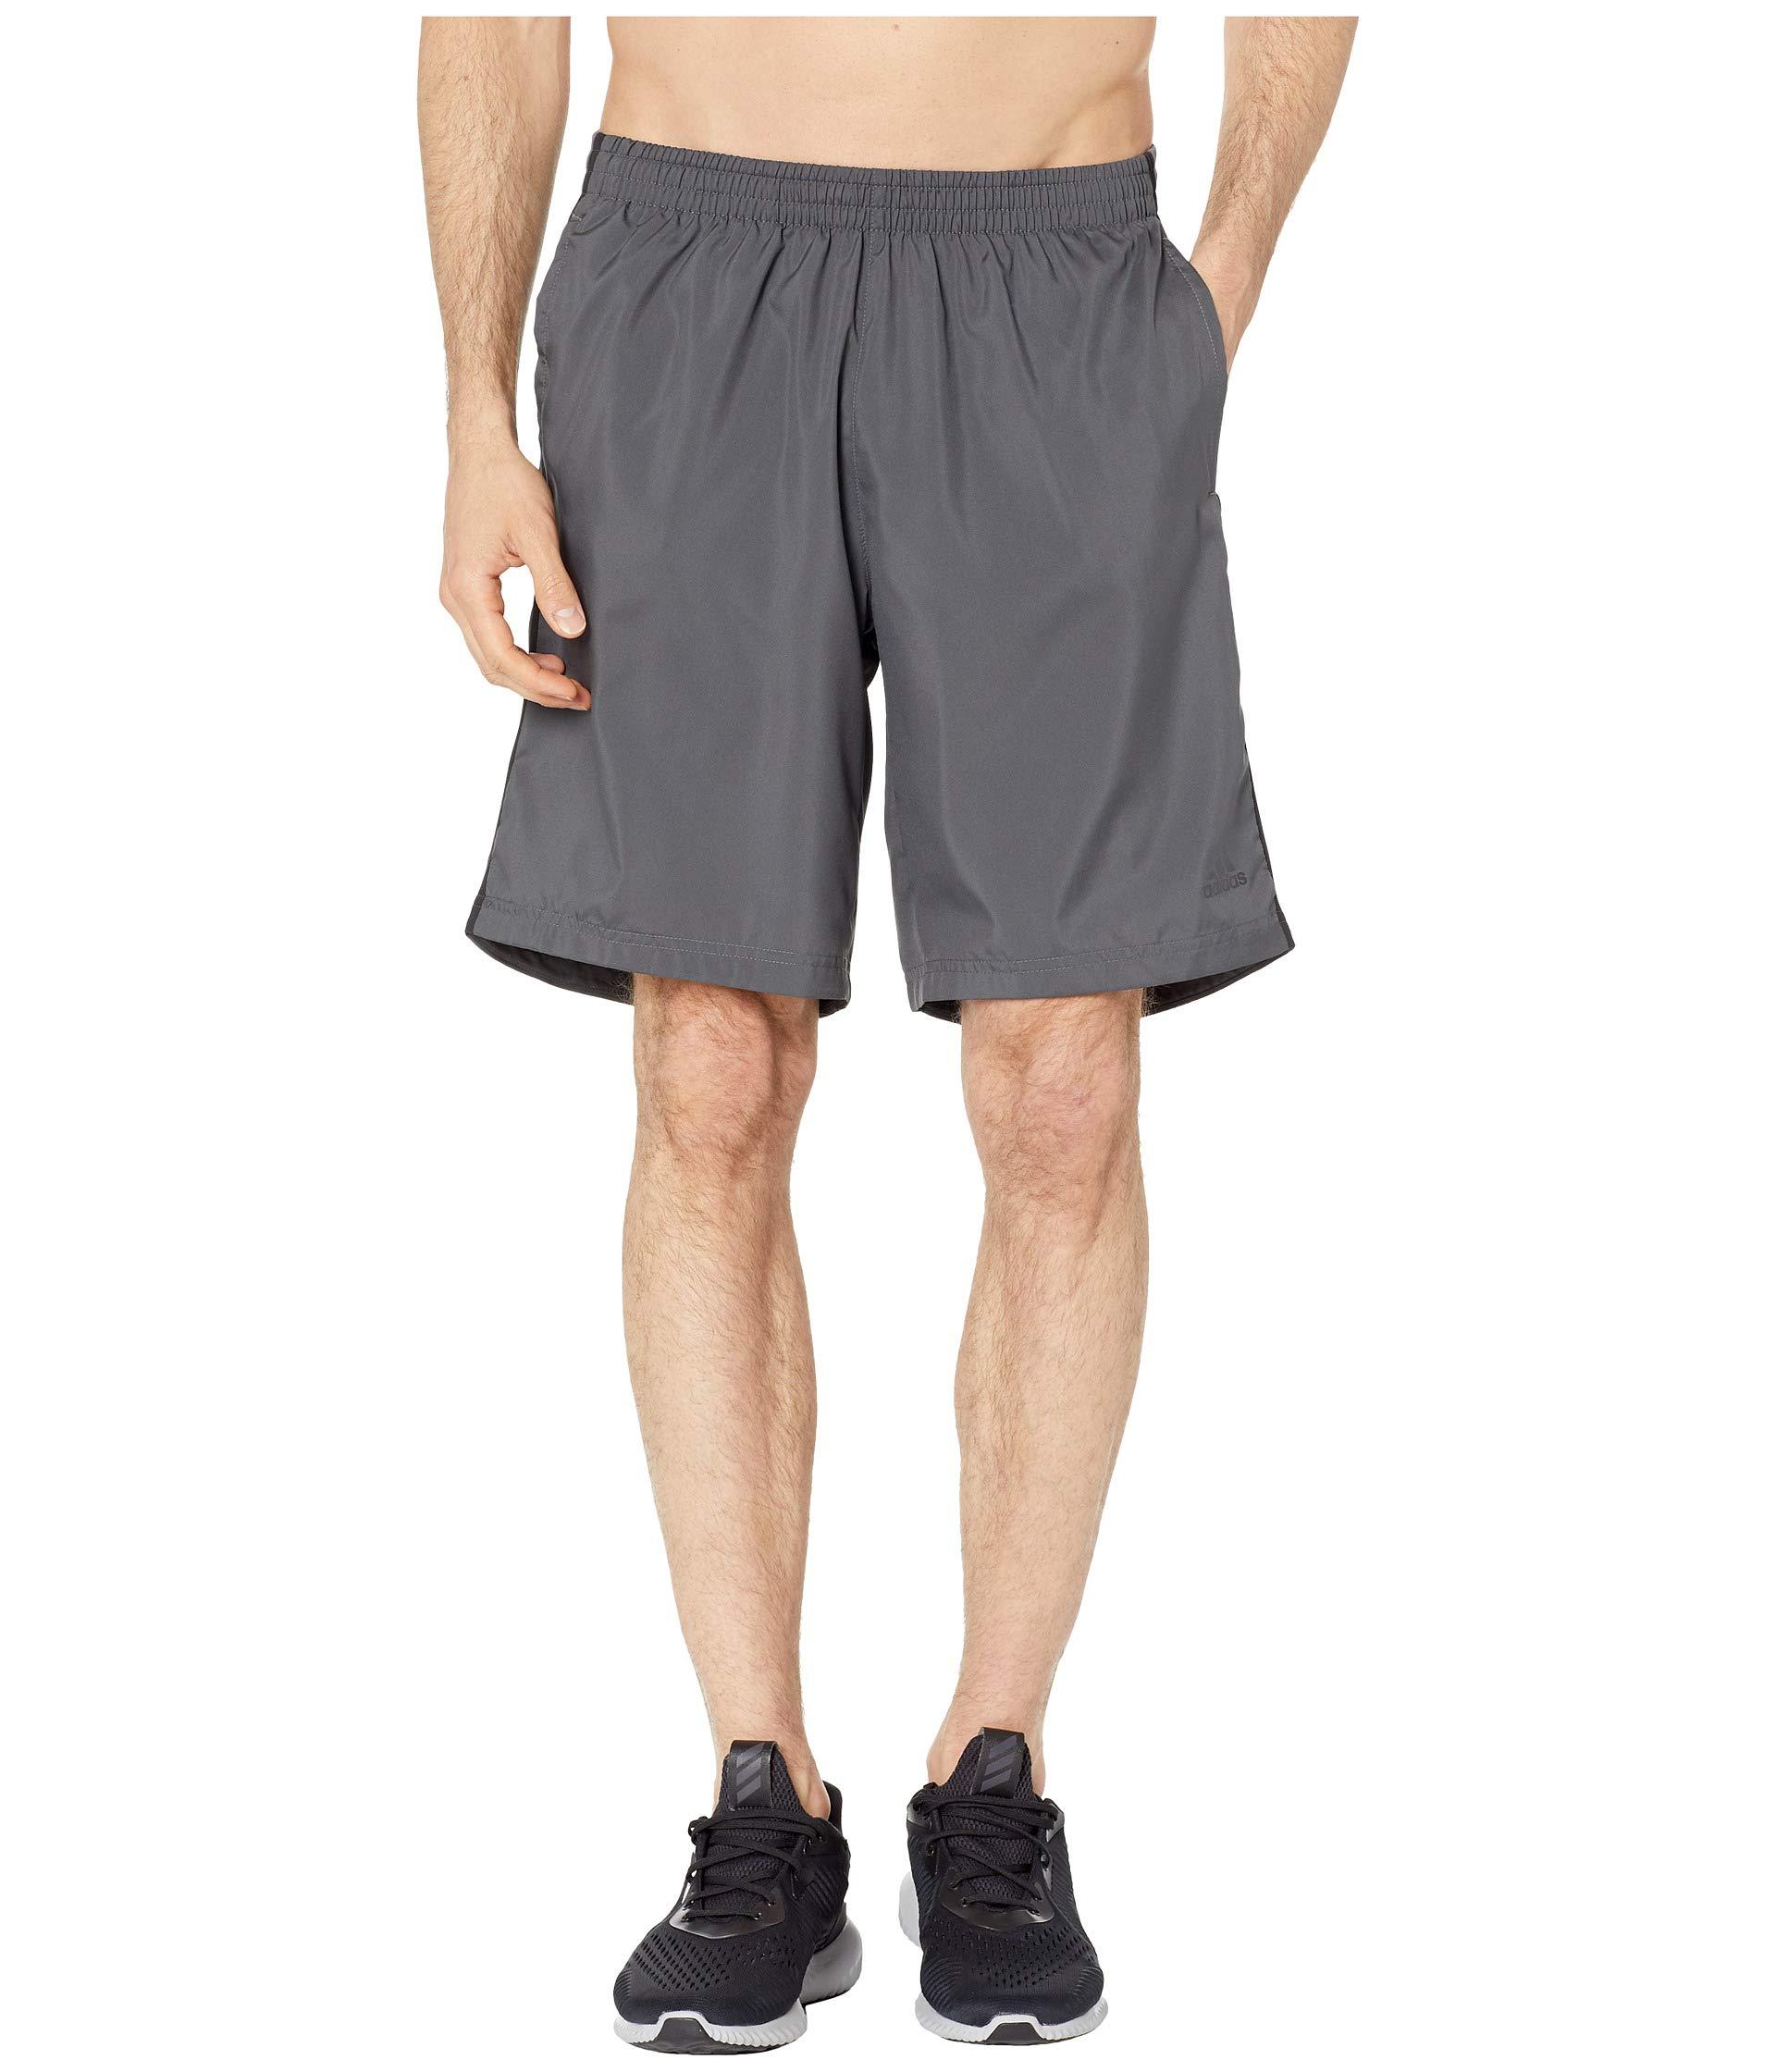 adidas Men's Own The Run Shorts, Grey/Black, Medium